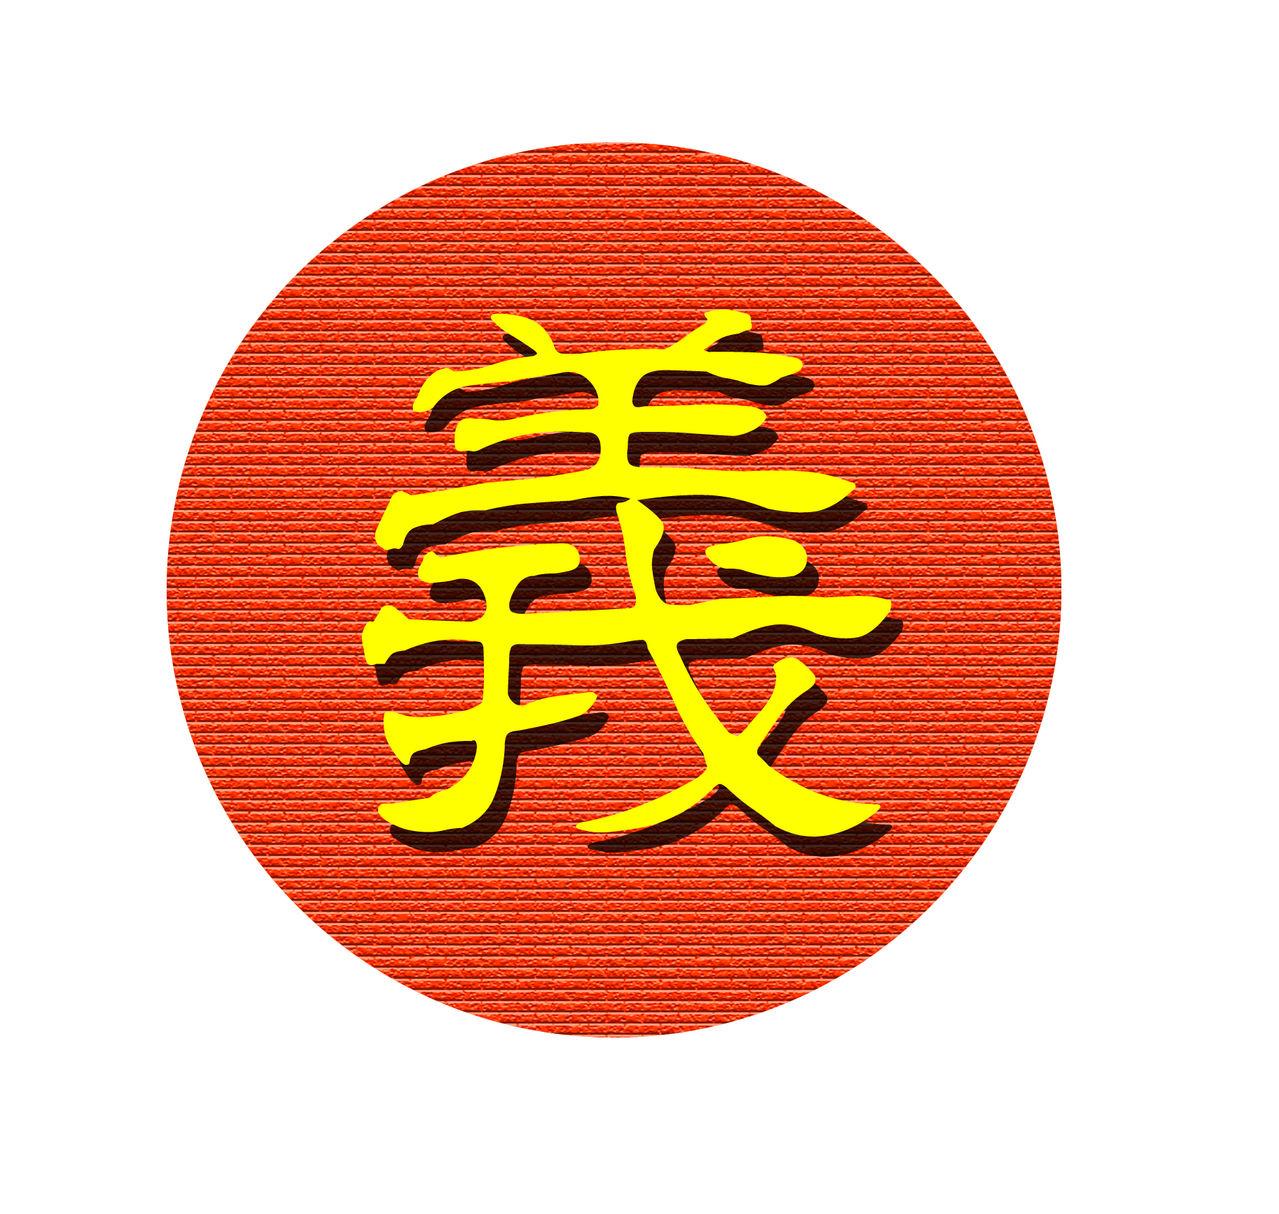 标要红底黄字繁体字的; 义的繁体字义的繁体字纹身 义的繁体字书法图片